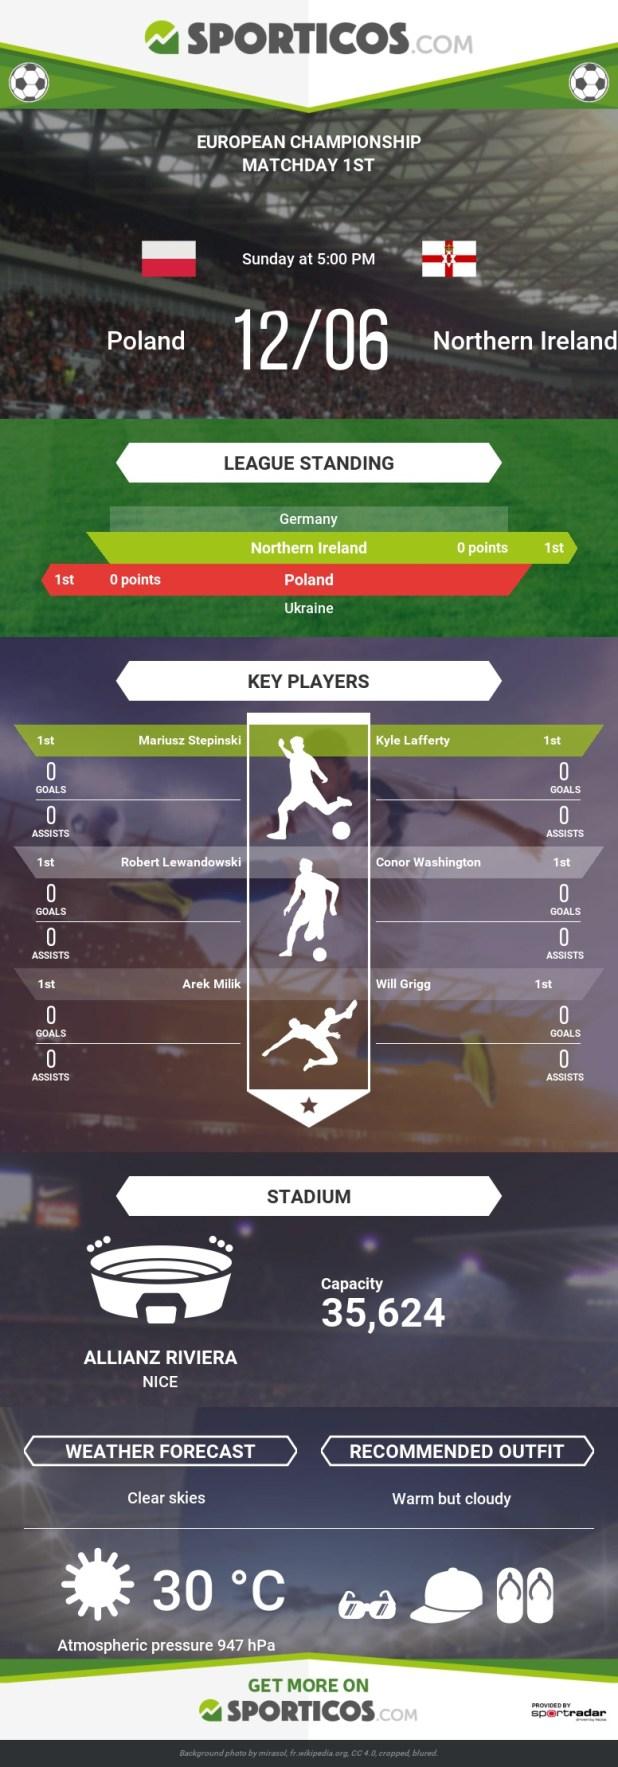 Sporticos_com_poland_vs_northern_ireland